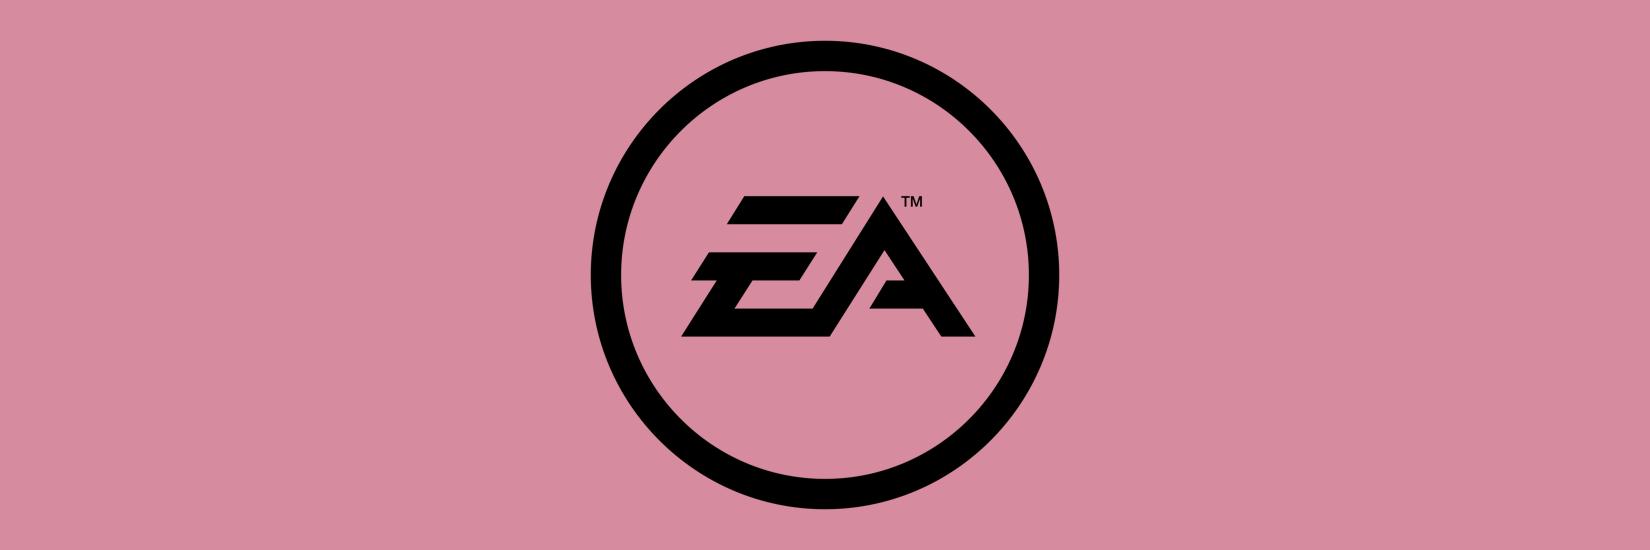 EA Play: Resumen de la Conferencia de Electronic Arts #EAPug #E32019